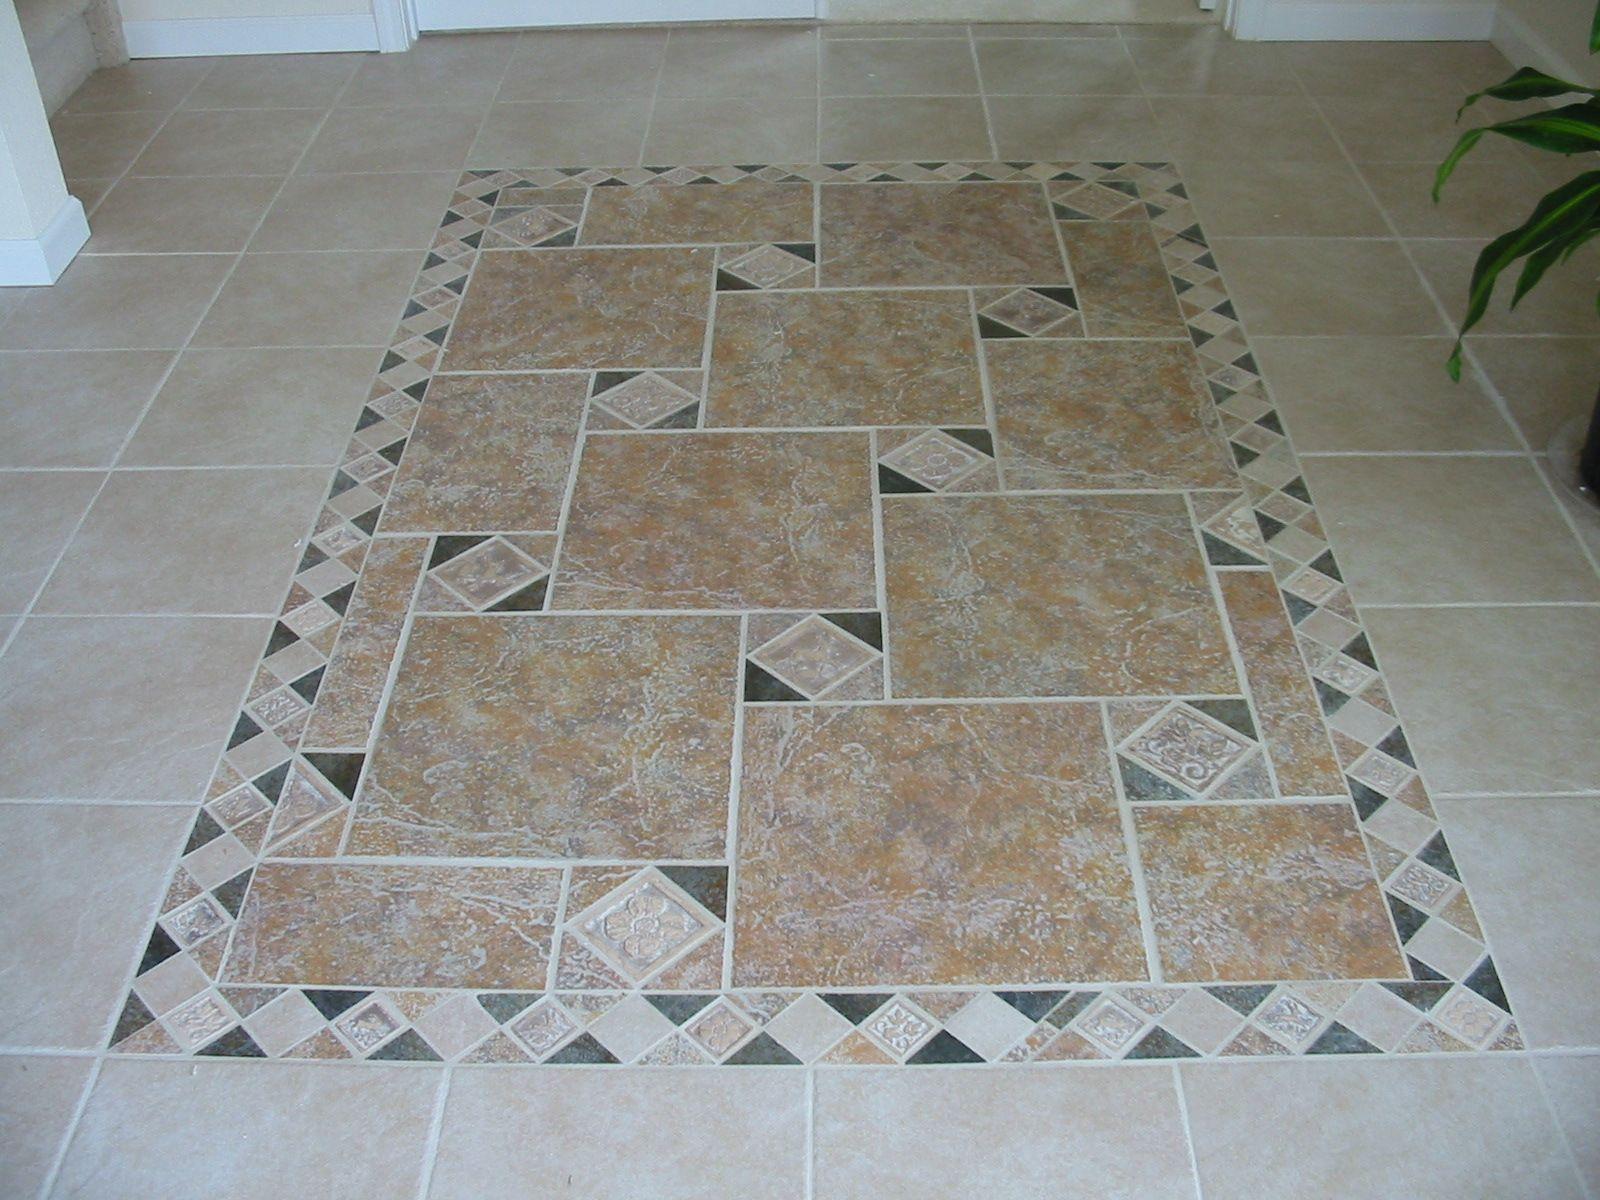 tile floor designs patterns | ... Designs: Decorates Ceramic ...